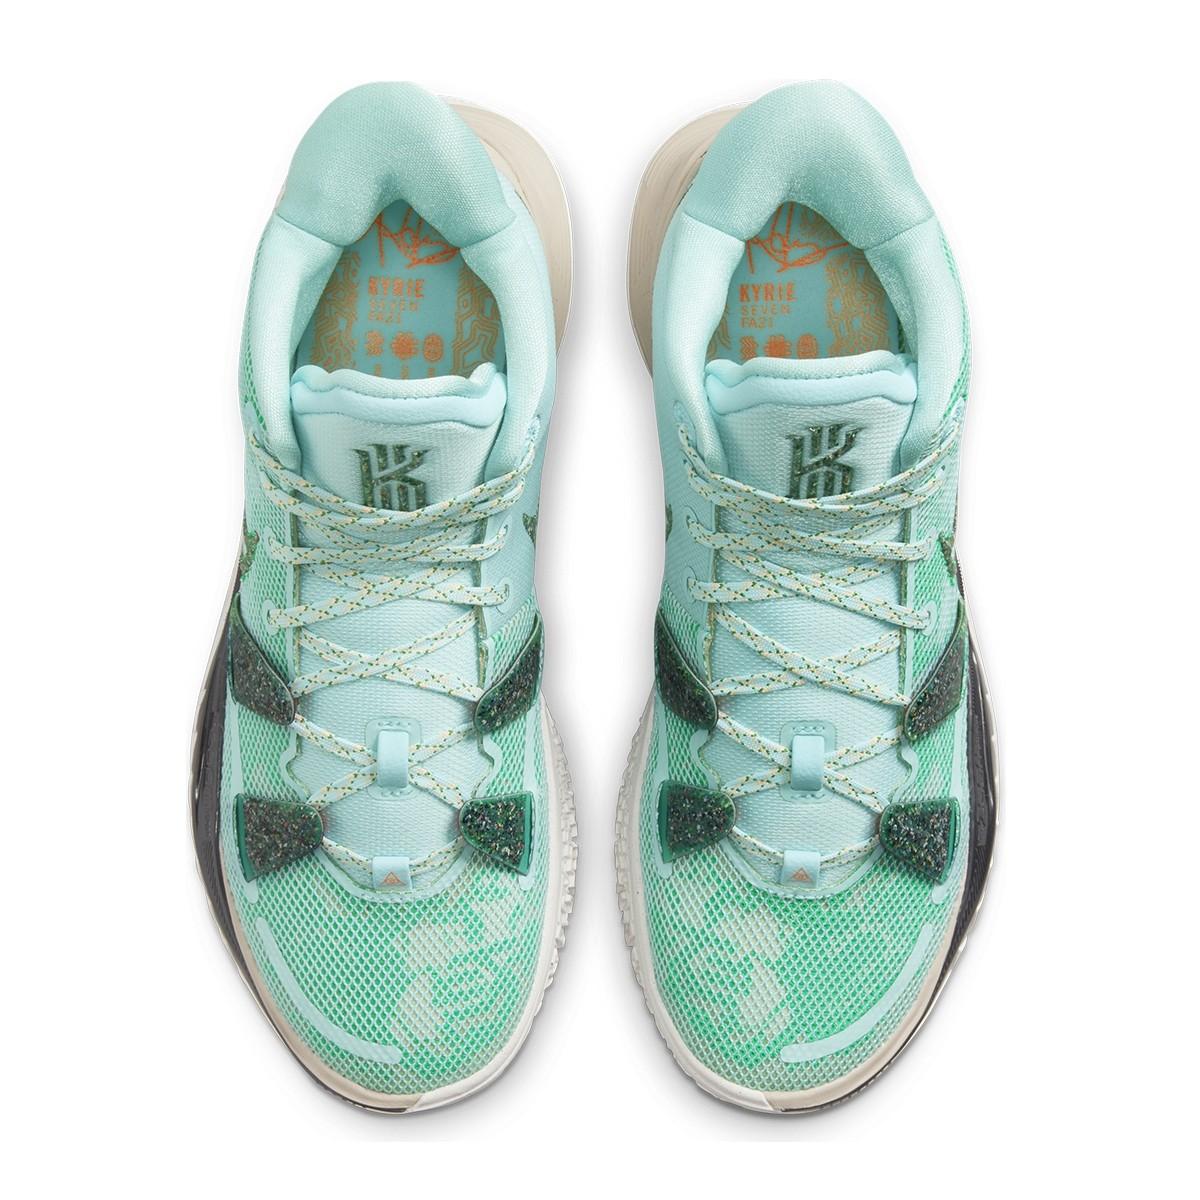 Nike Kyrie 7 'Copa'-CQ9326-402